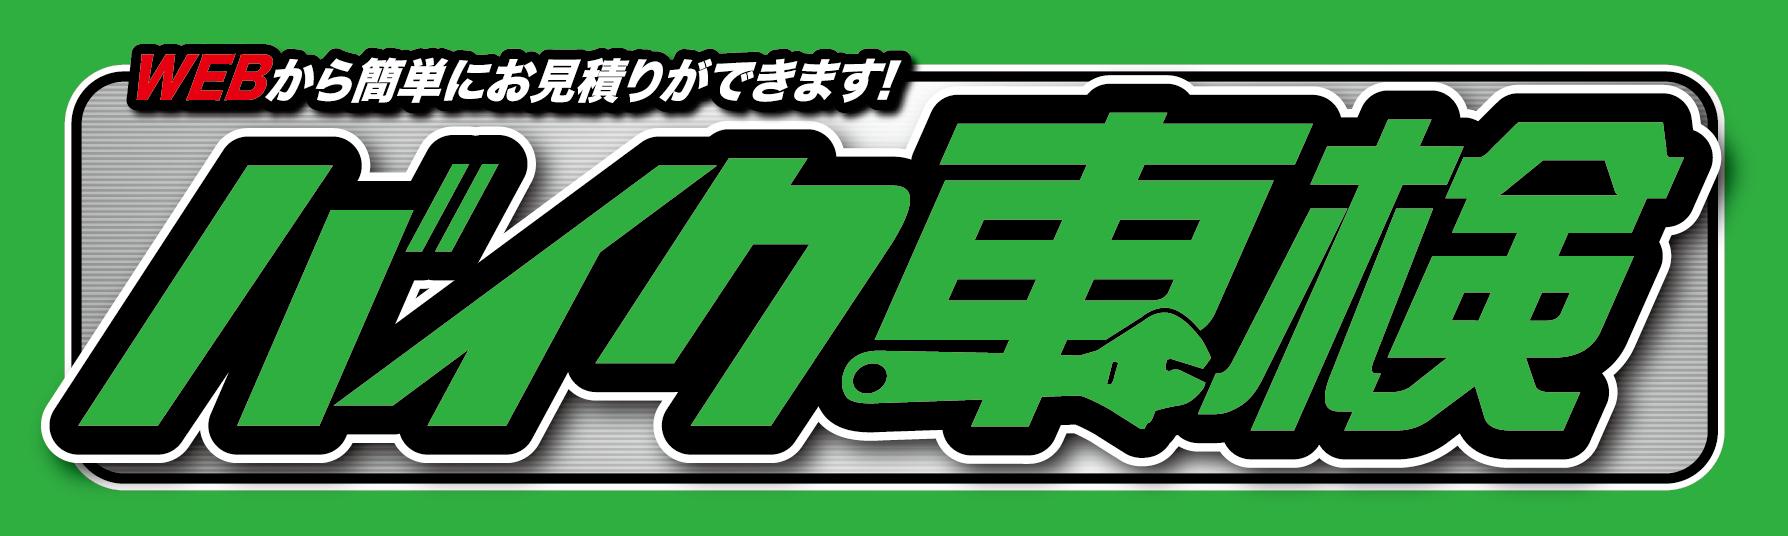 安心なバイク車検は草津2りんかんへ!!